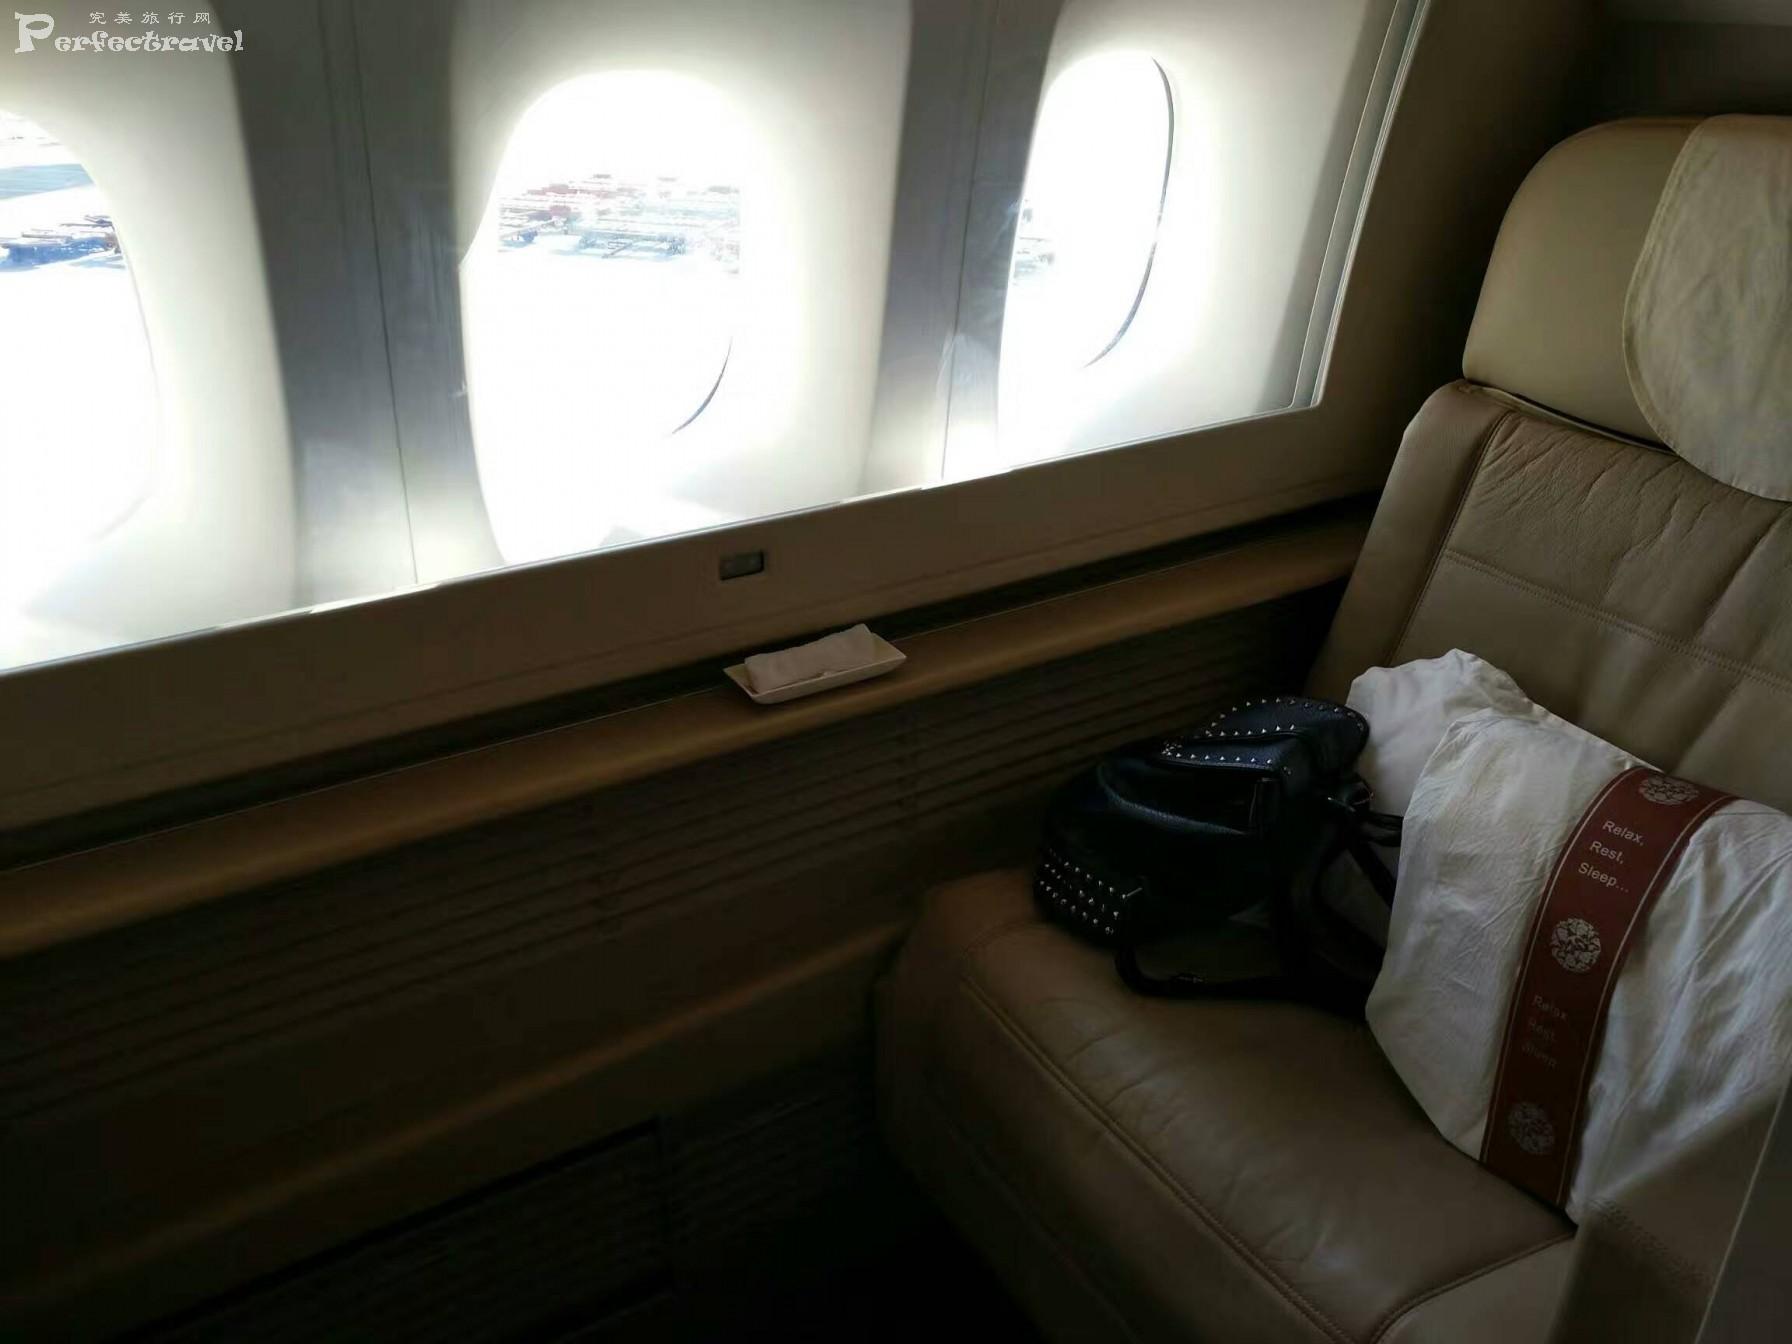 花样姐姐美国三十天游记(一):头等舱飞美国 - 完美旅行Perfectravel - 完美旅行Perfectravel的博客